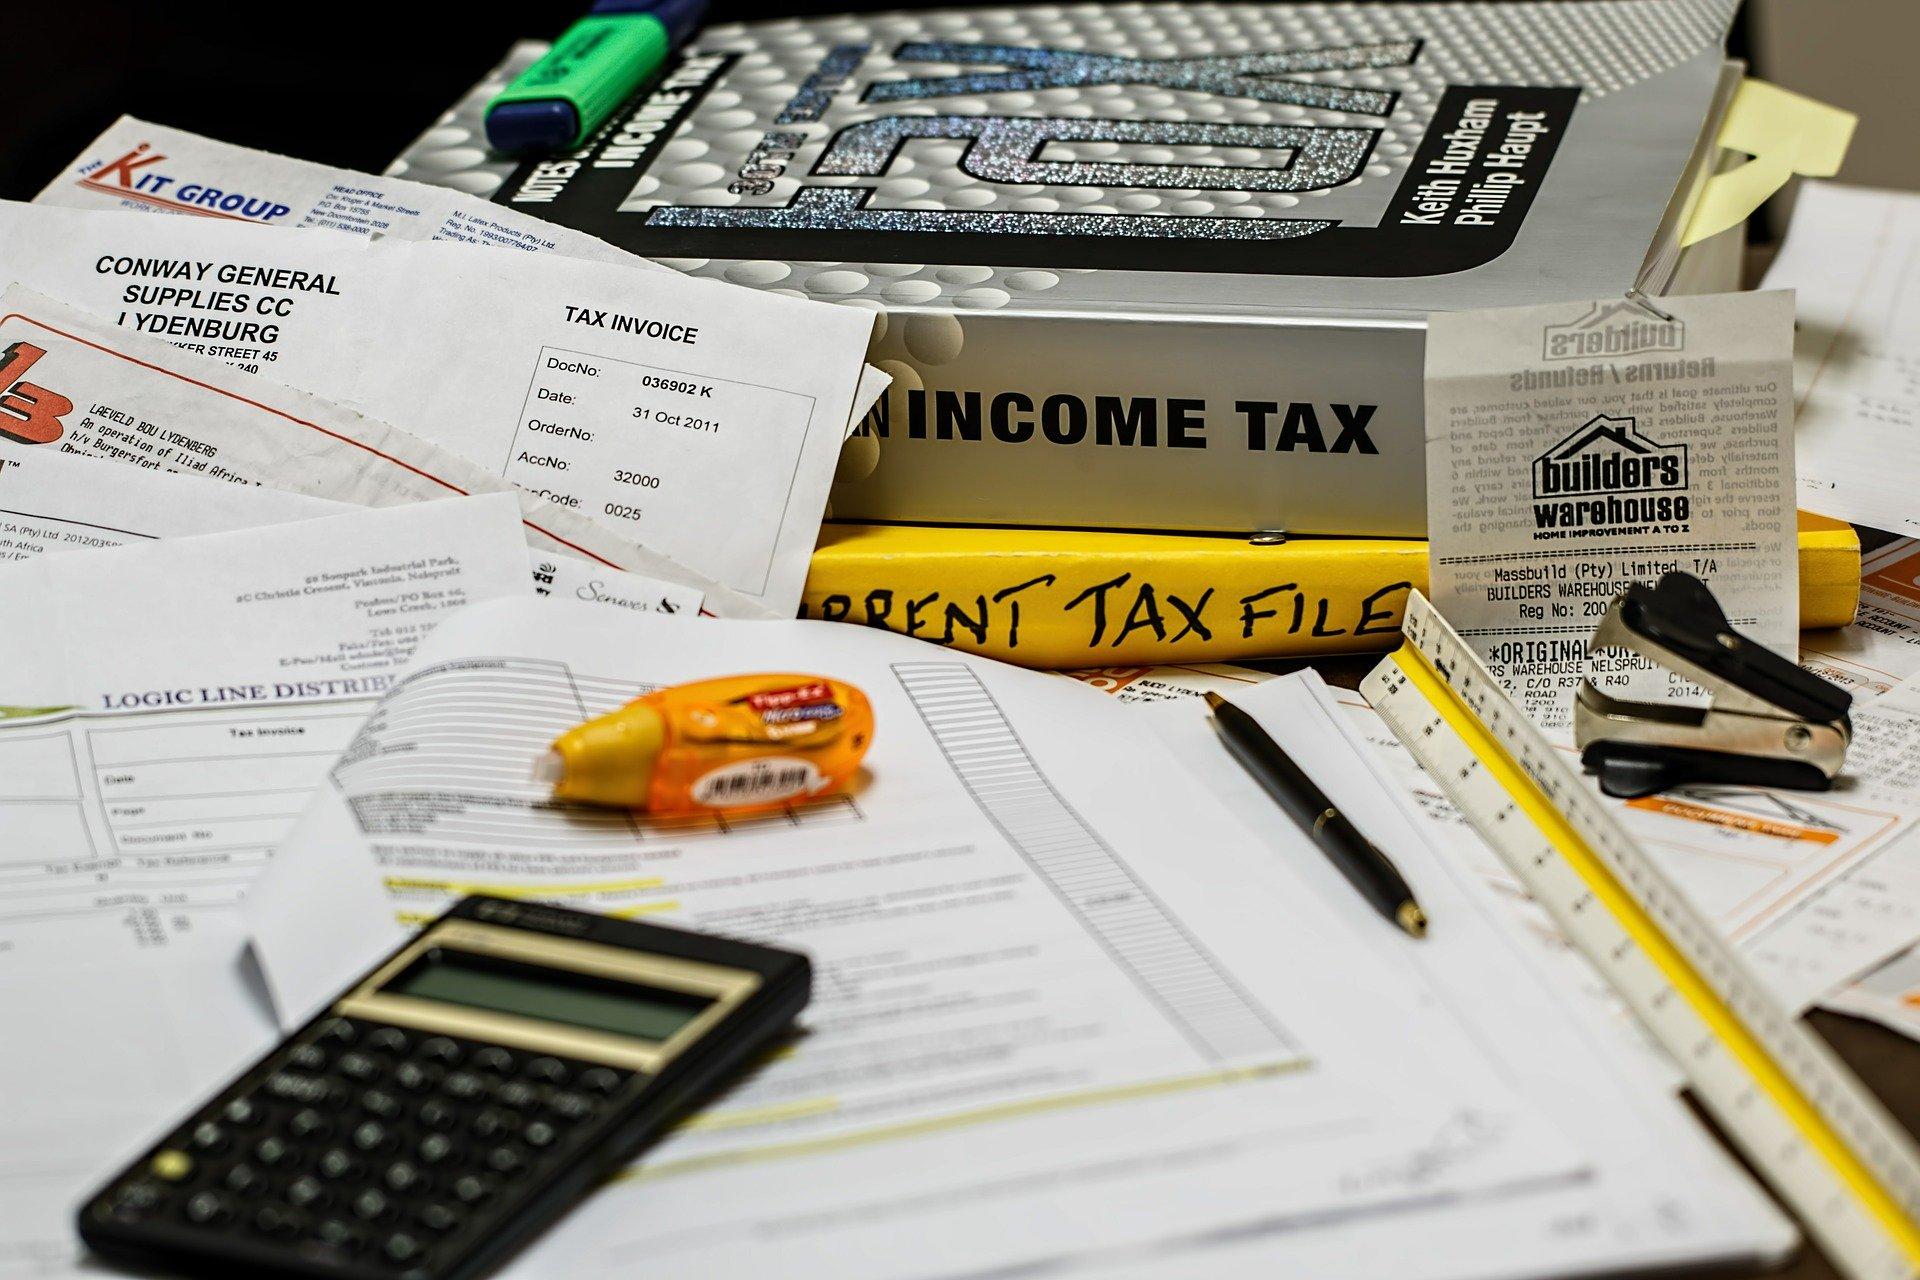 Kreditorenbuchhaltung: Definition, Aufgaben & Beispiele